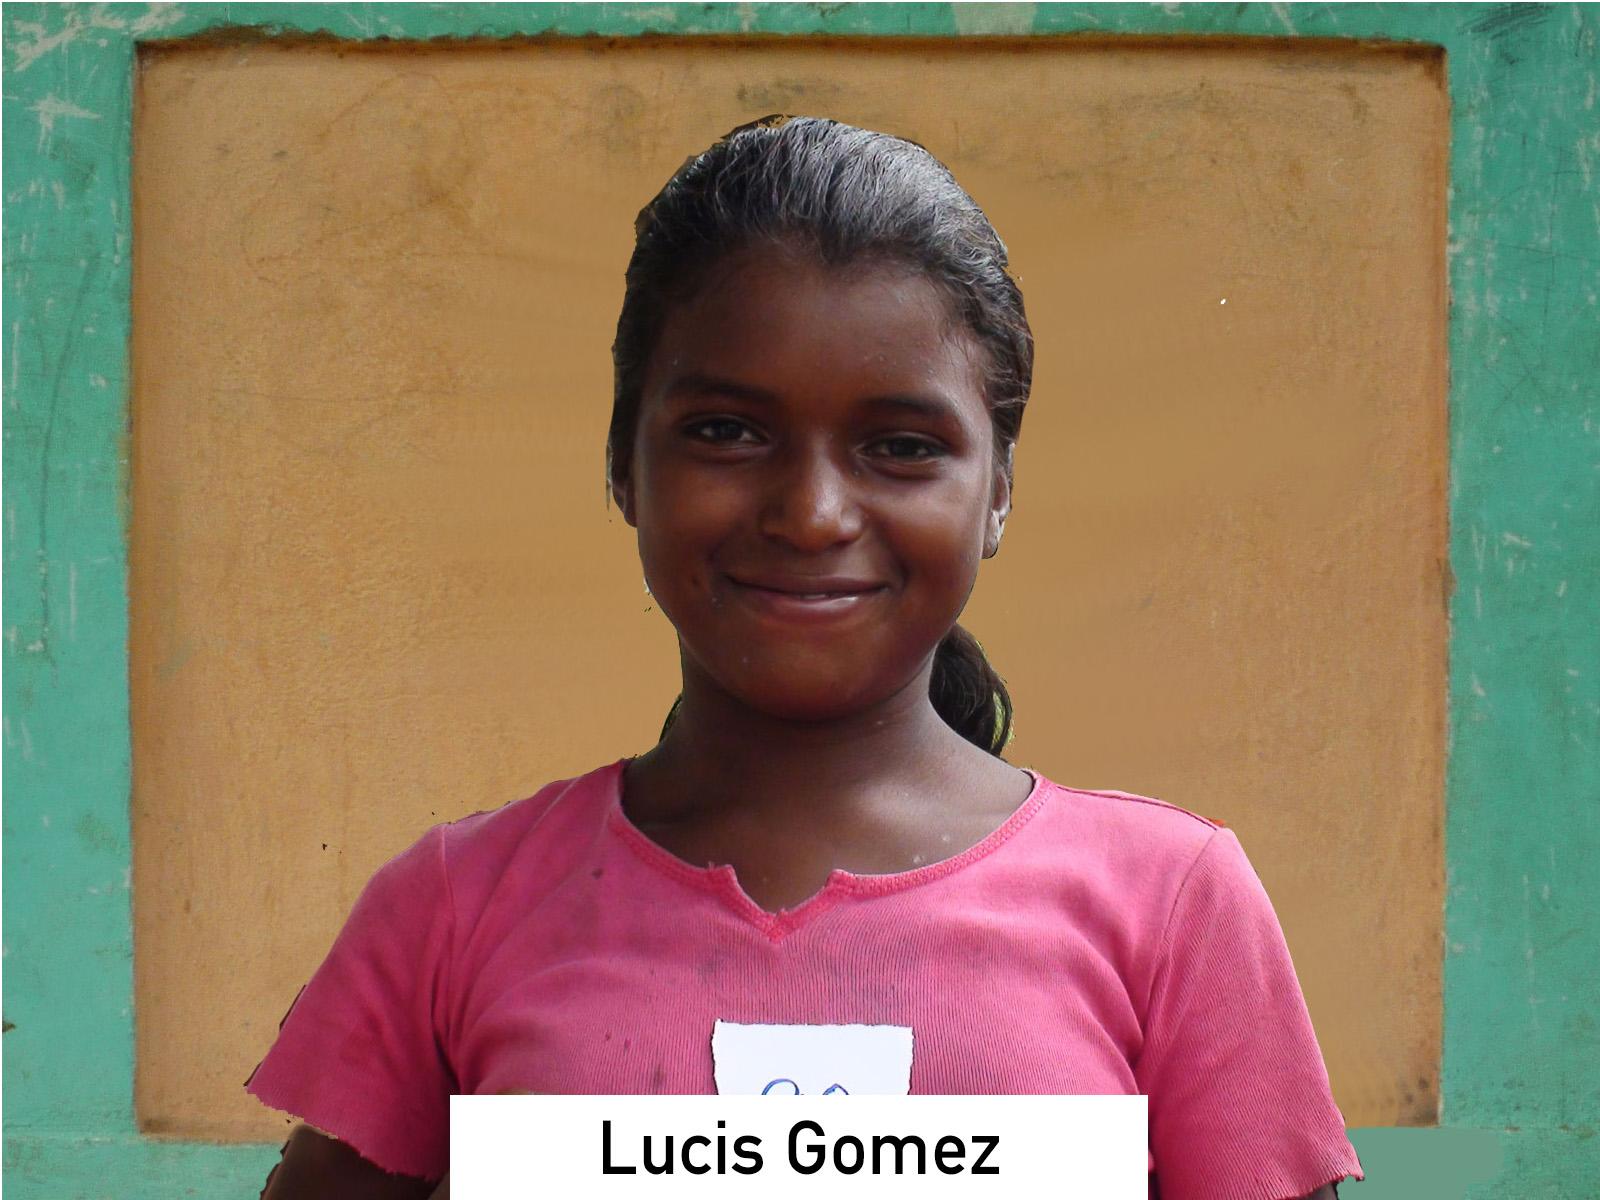 090 - Lucis Gomez.jpg